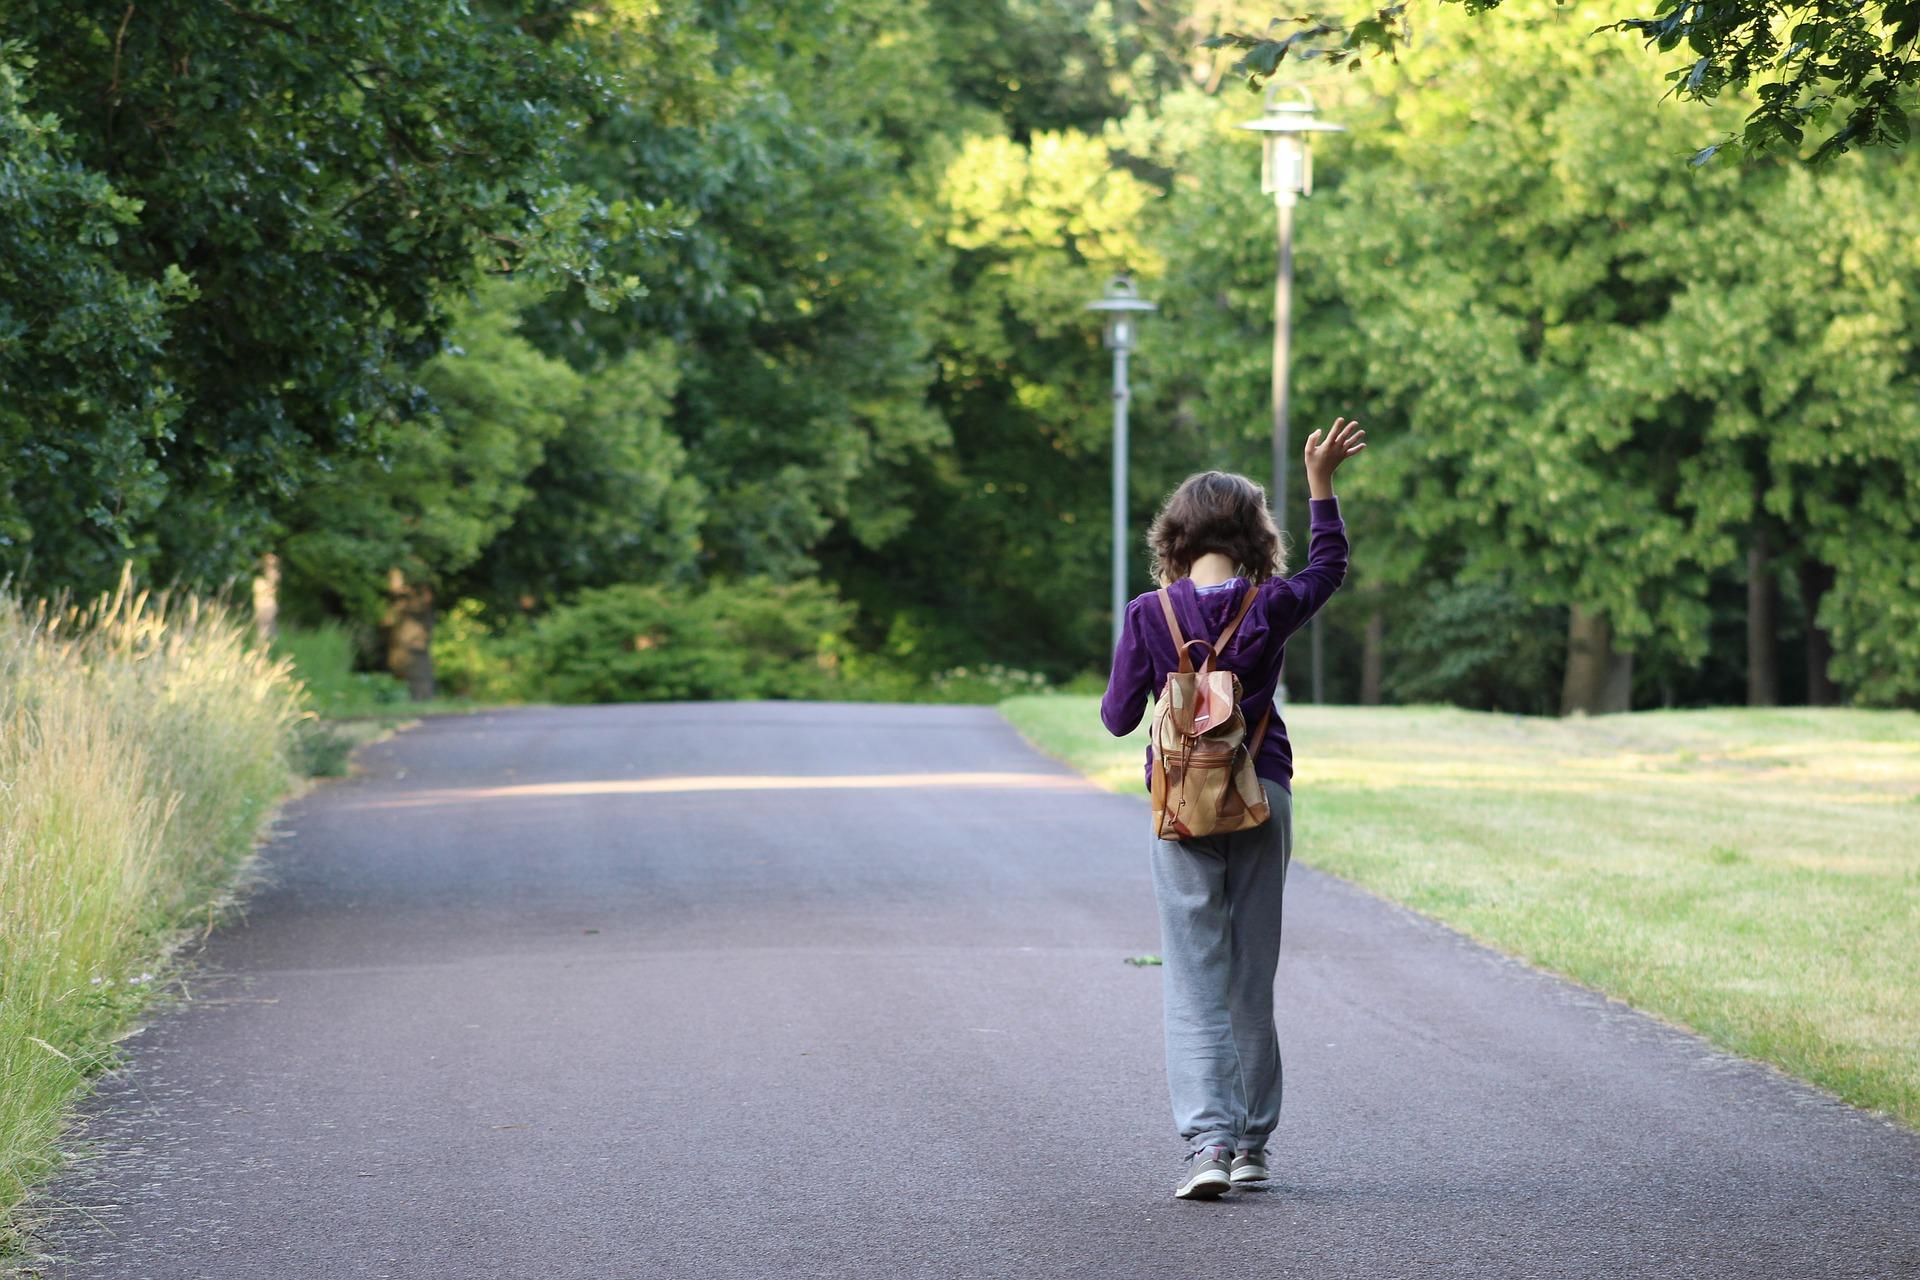 Tyttö kulkee tiellä reppu selässään ja vilkuttaa